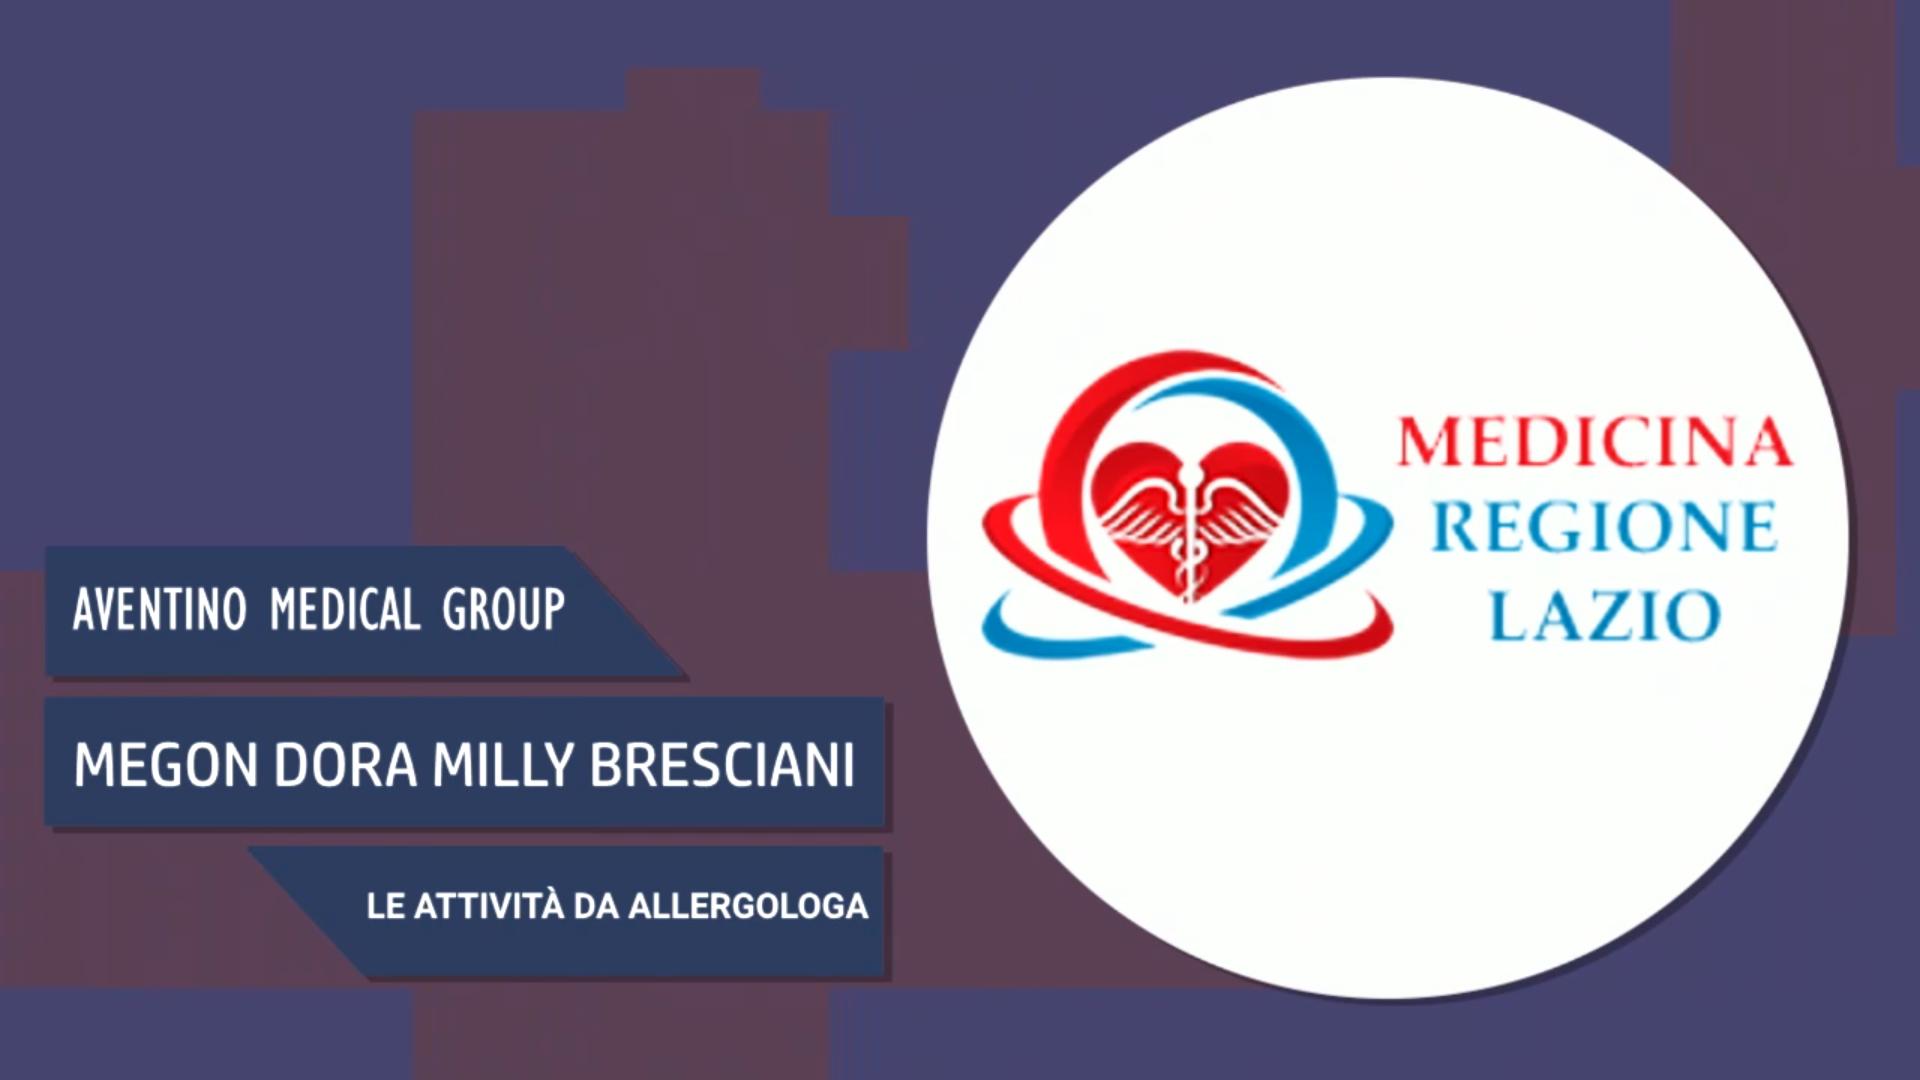 Intervista a Megon Dora Milly Bresciani – Le attività da allergologa